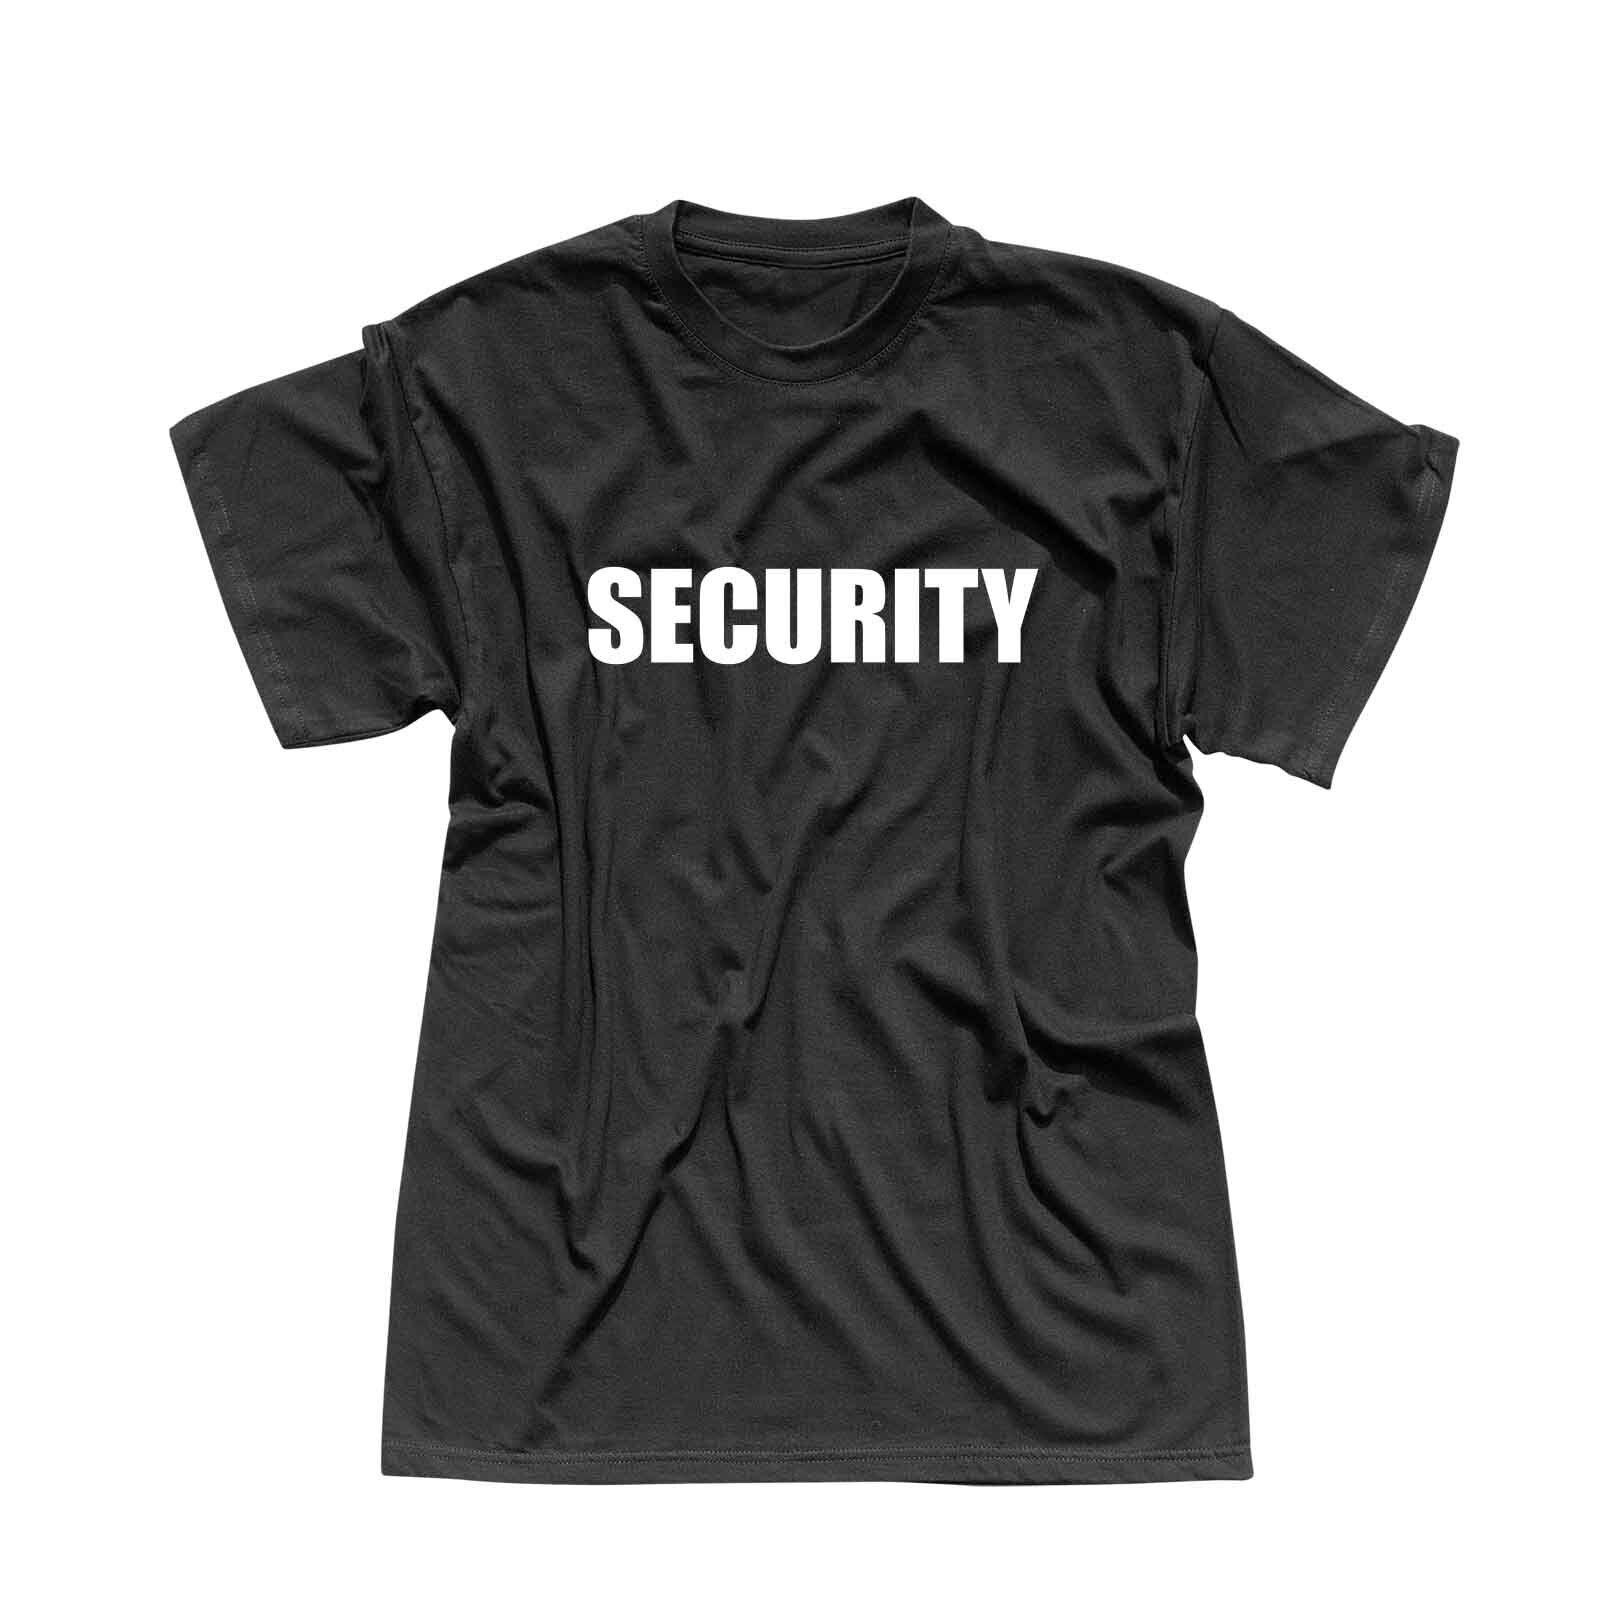 T-Shirt Security Sicherheitsdienst Party Sicherheit 13 Farben Herren XS - 5XL